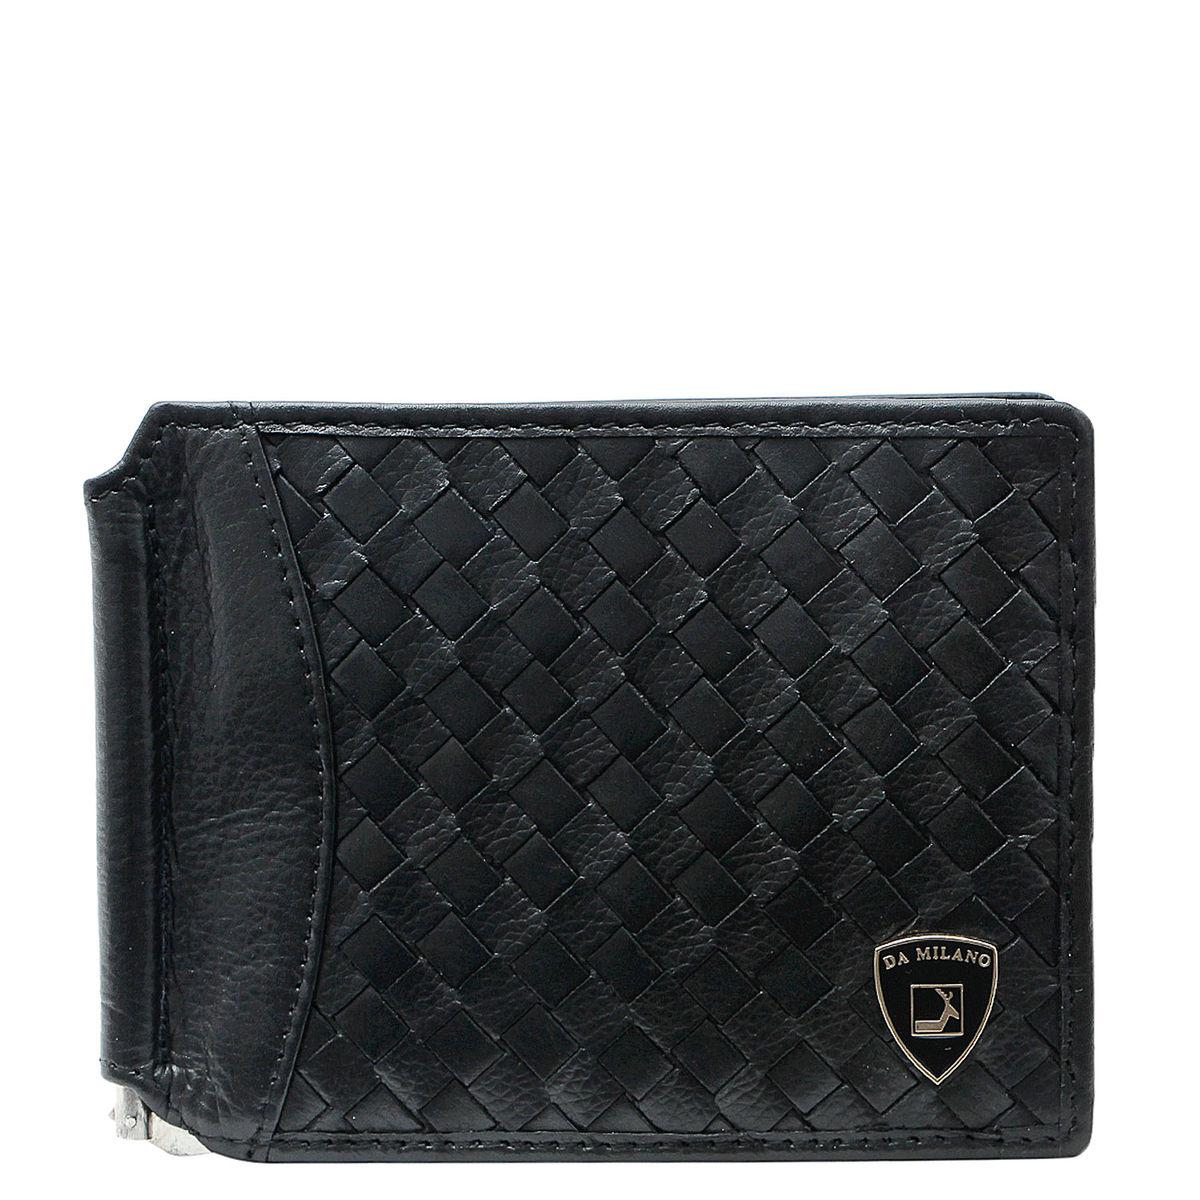 0831db64541c4 ... Da Milano Black Money Clip · zoom ...